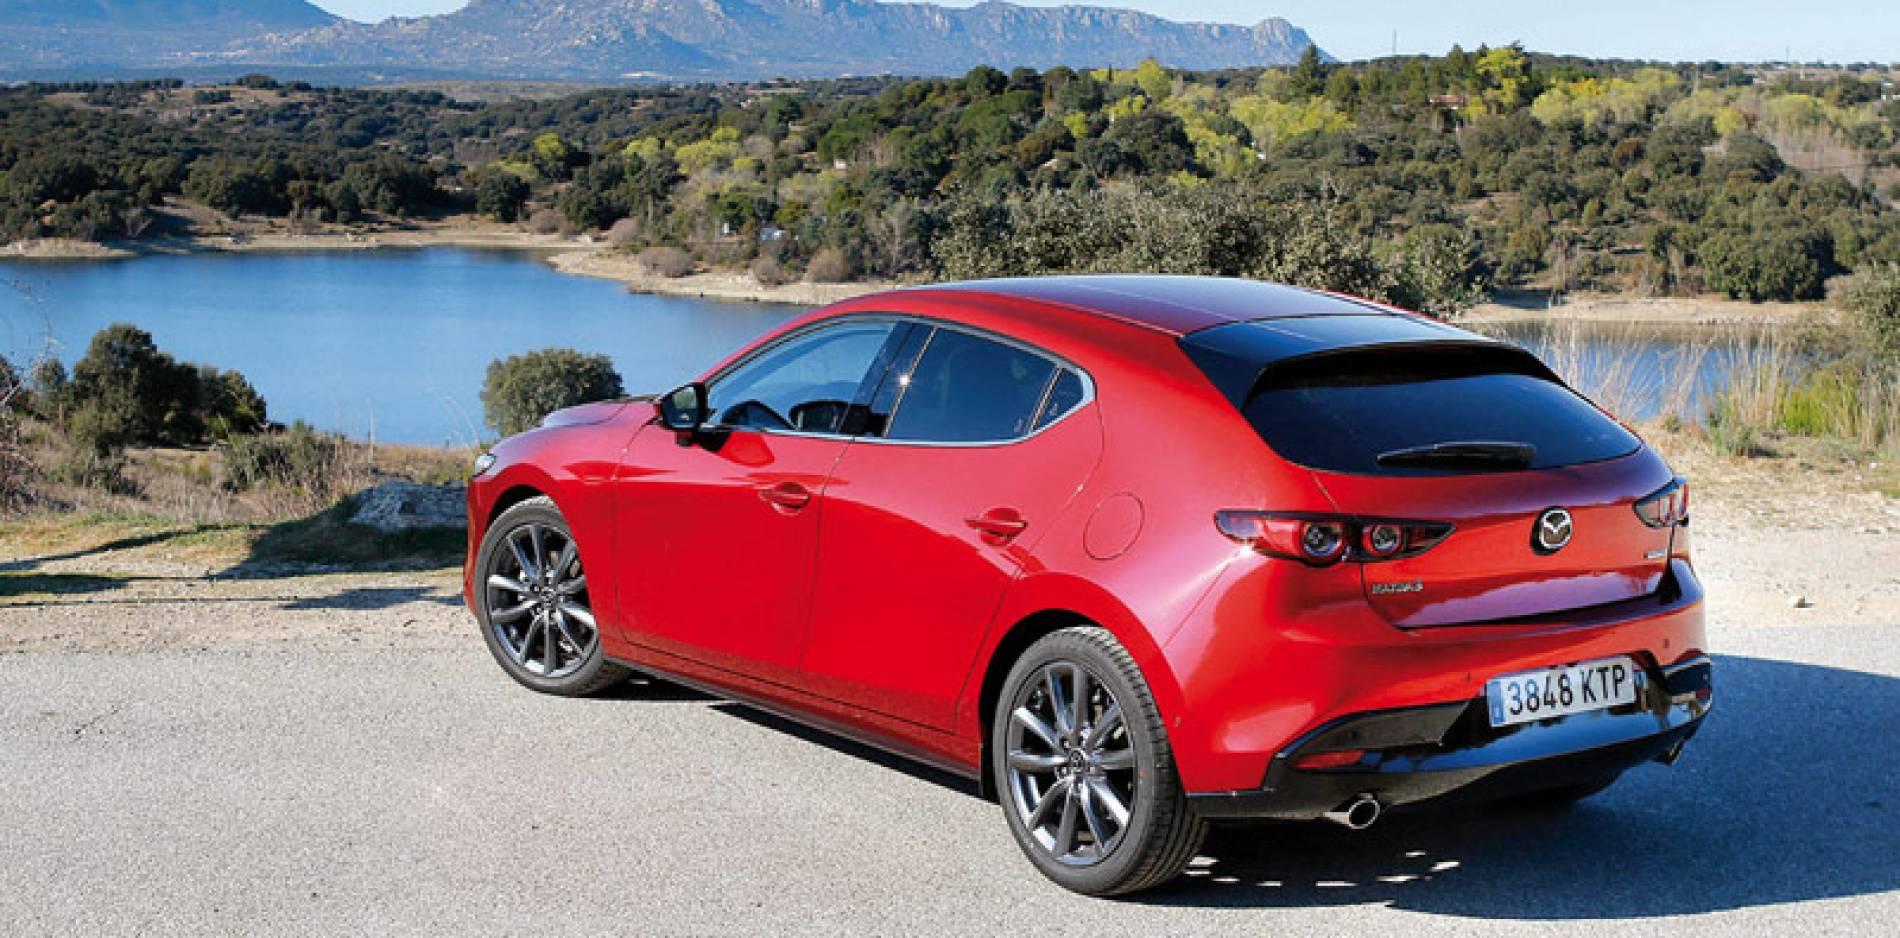 Prueba del Mazda3 2.0 Skyactiv-G 122 CV Zenith, suavidad y finura